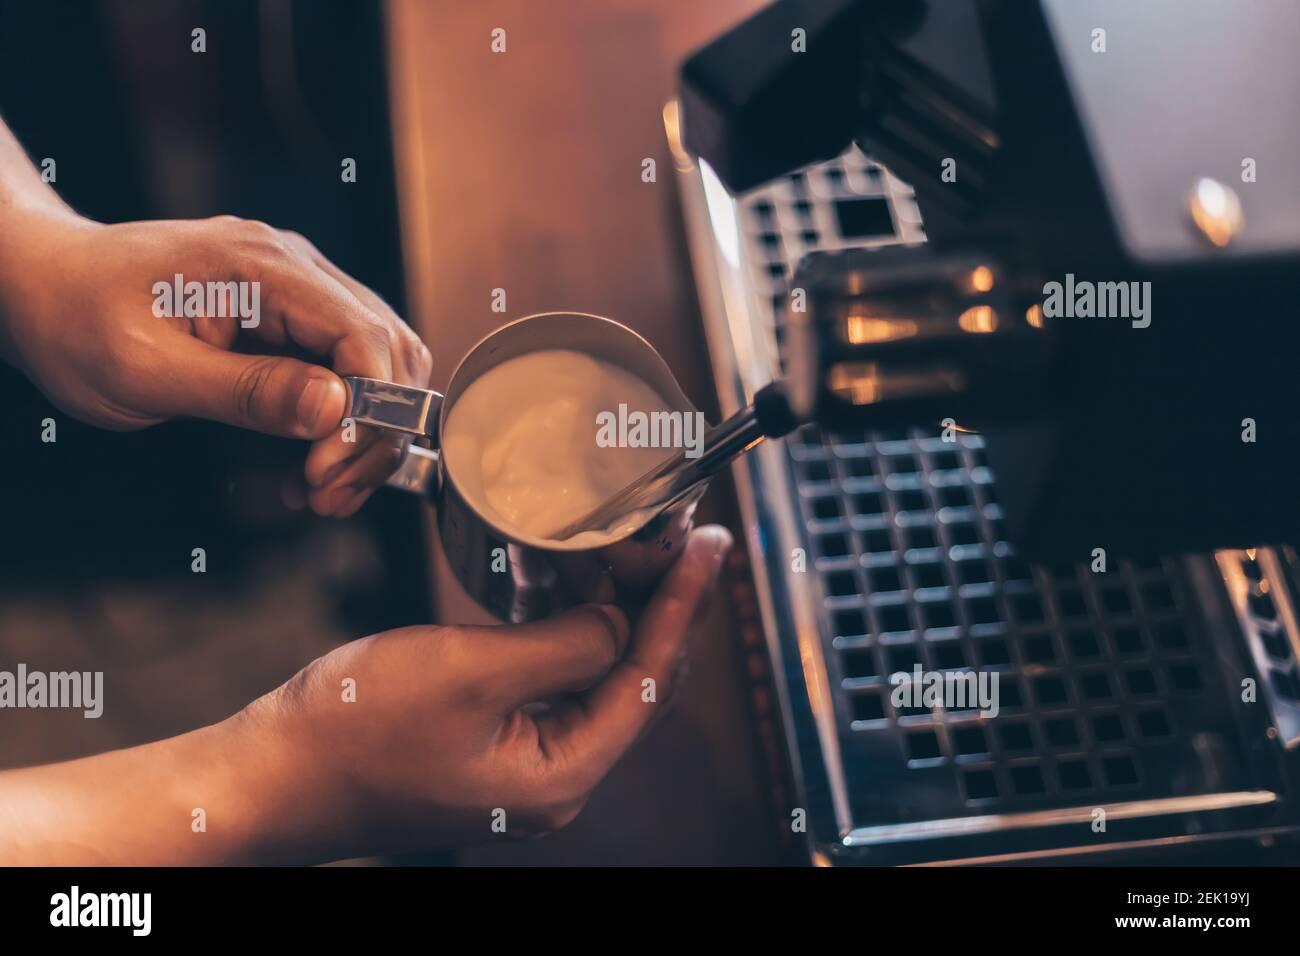 Barista calienta el vapor de leche para hacer lattes en la cafetería. Foto de stock